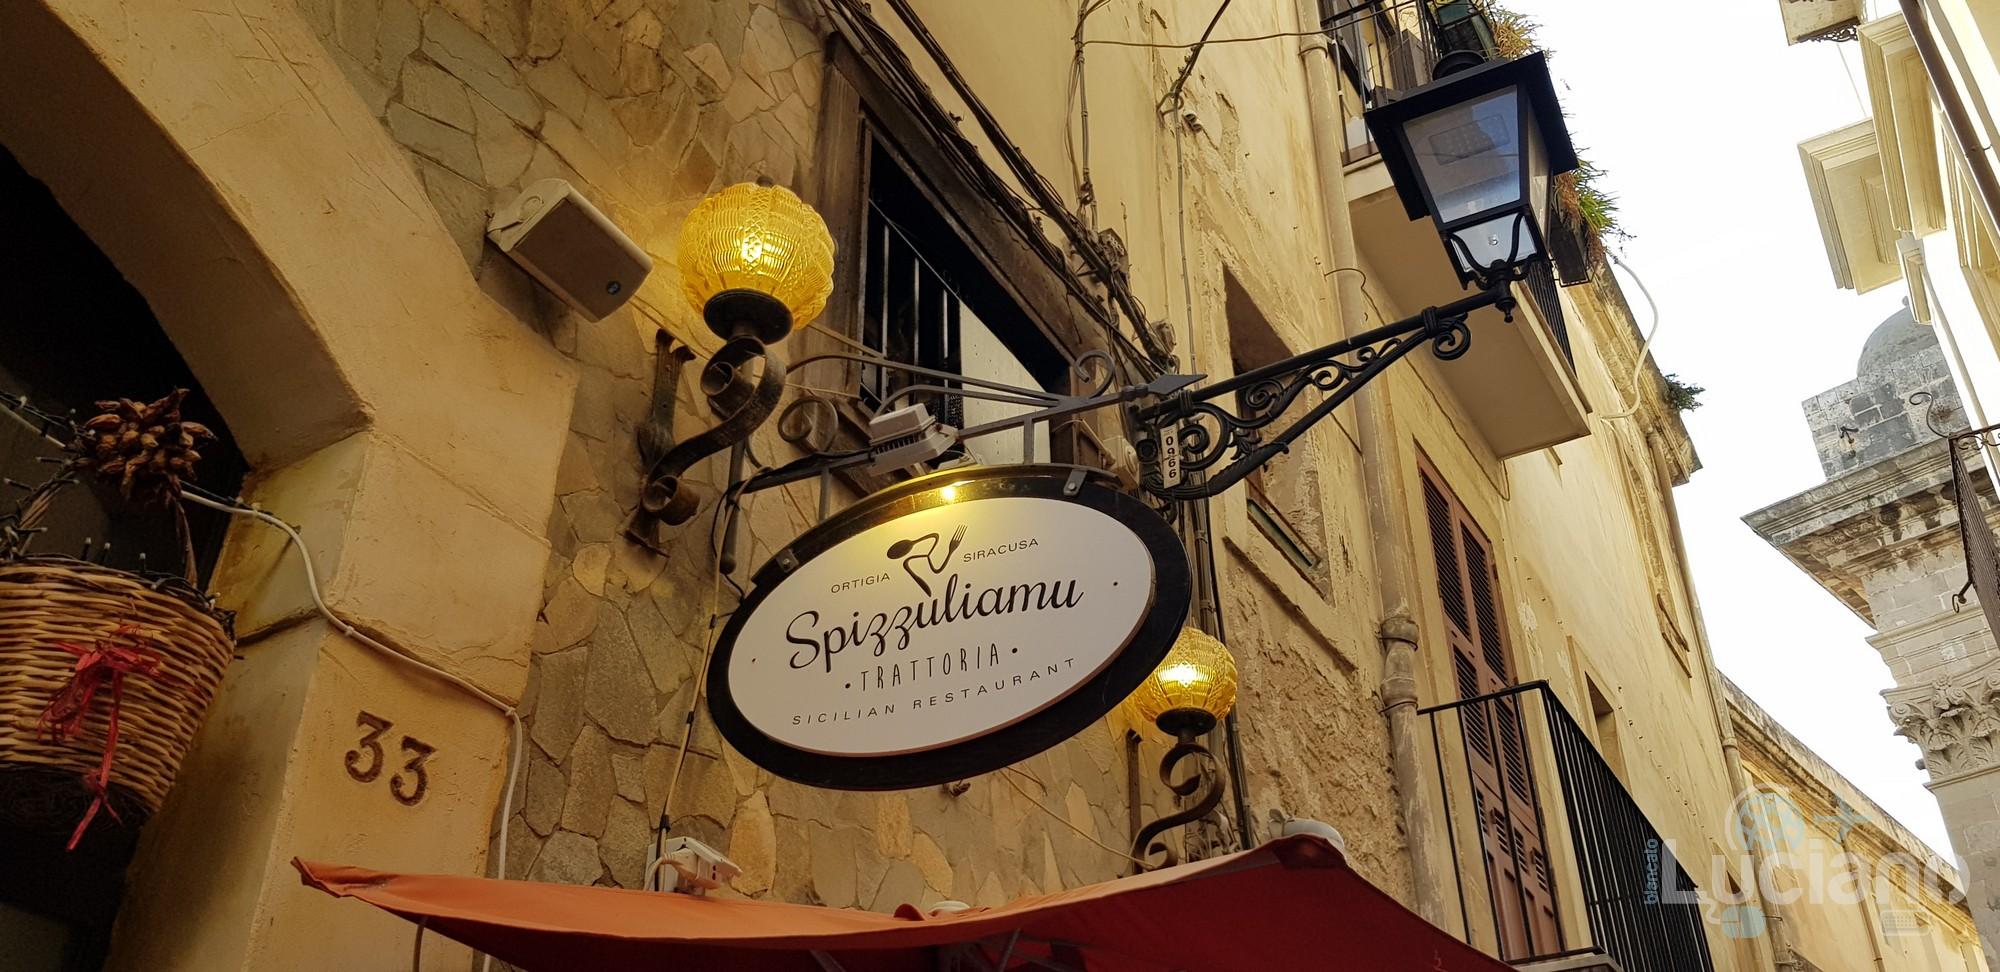 Siracusa - Spizzuliamu - Insegna